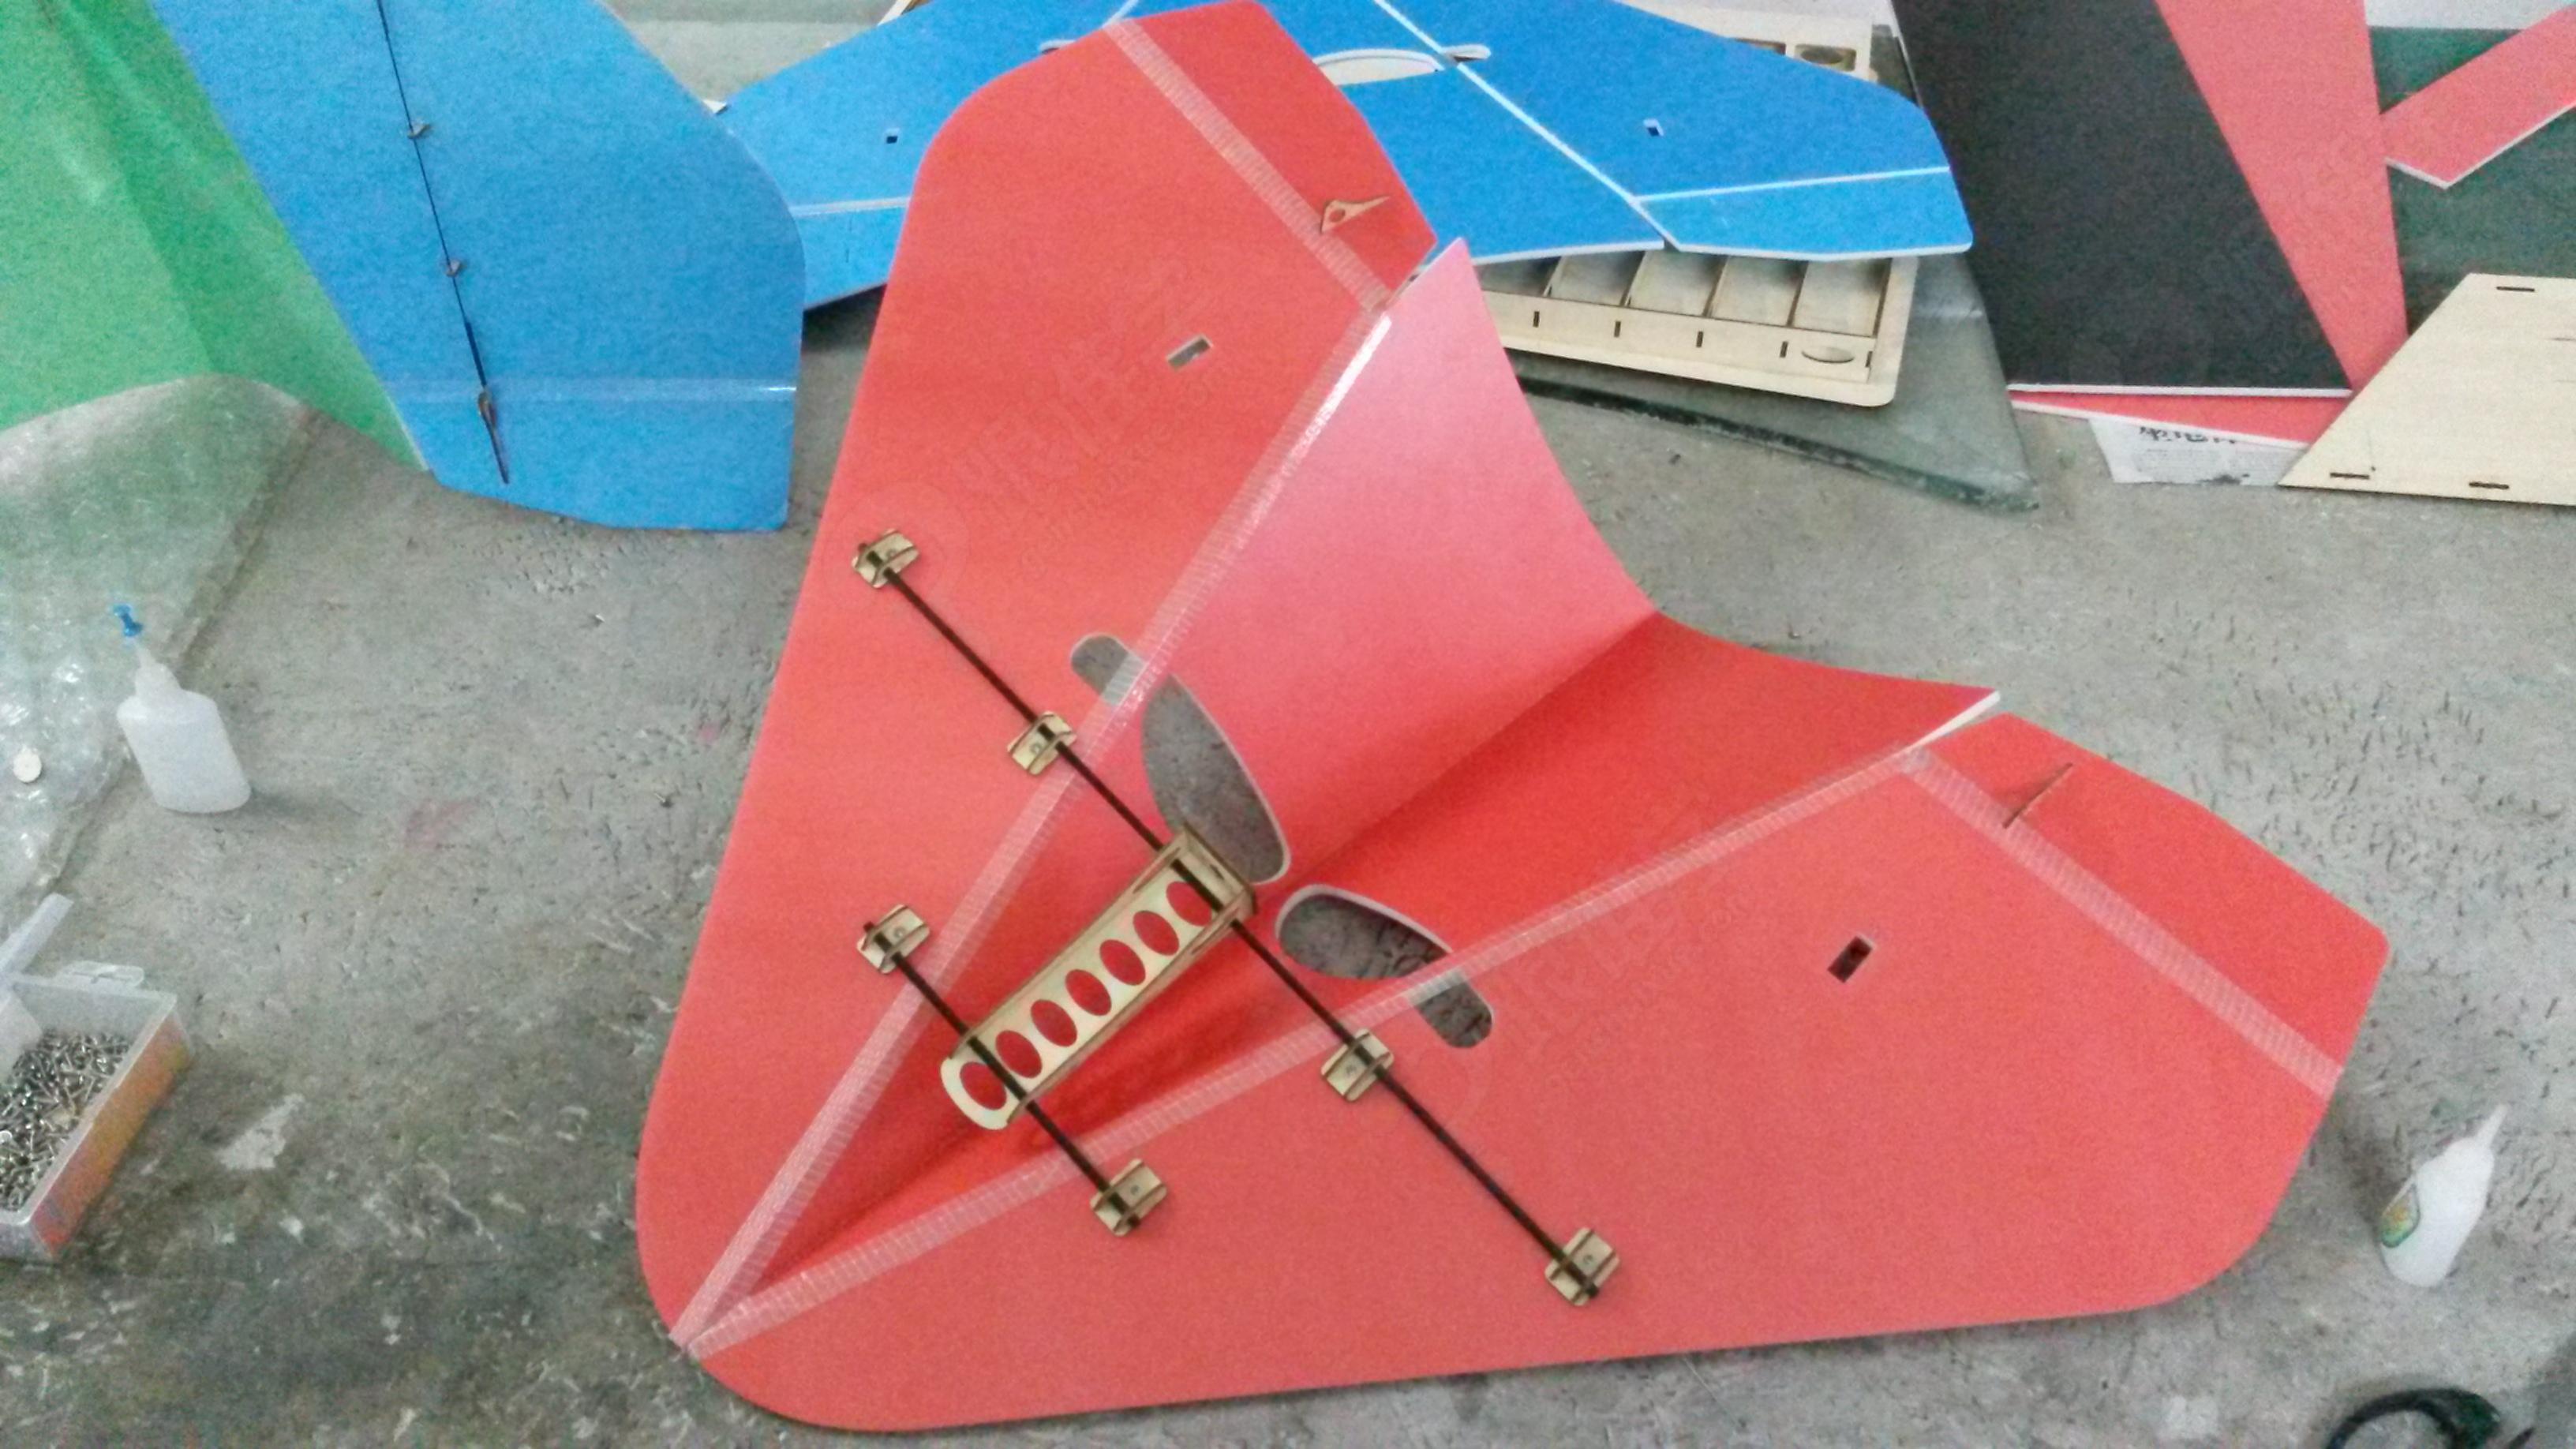 该款飞机模型是针对初学航模的学员认识简易航模飞机的安装制作,通过图片方式展示遥控三角翼模型飞机完整制作过程,针对航空模型飞机三大组成部件:即机身结构、控制系统、动力系统的安装技巧逐一指导说明,让学员可以参考学习并亲手制作。